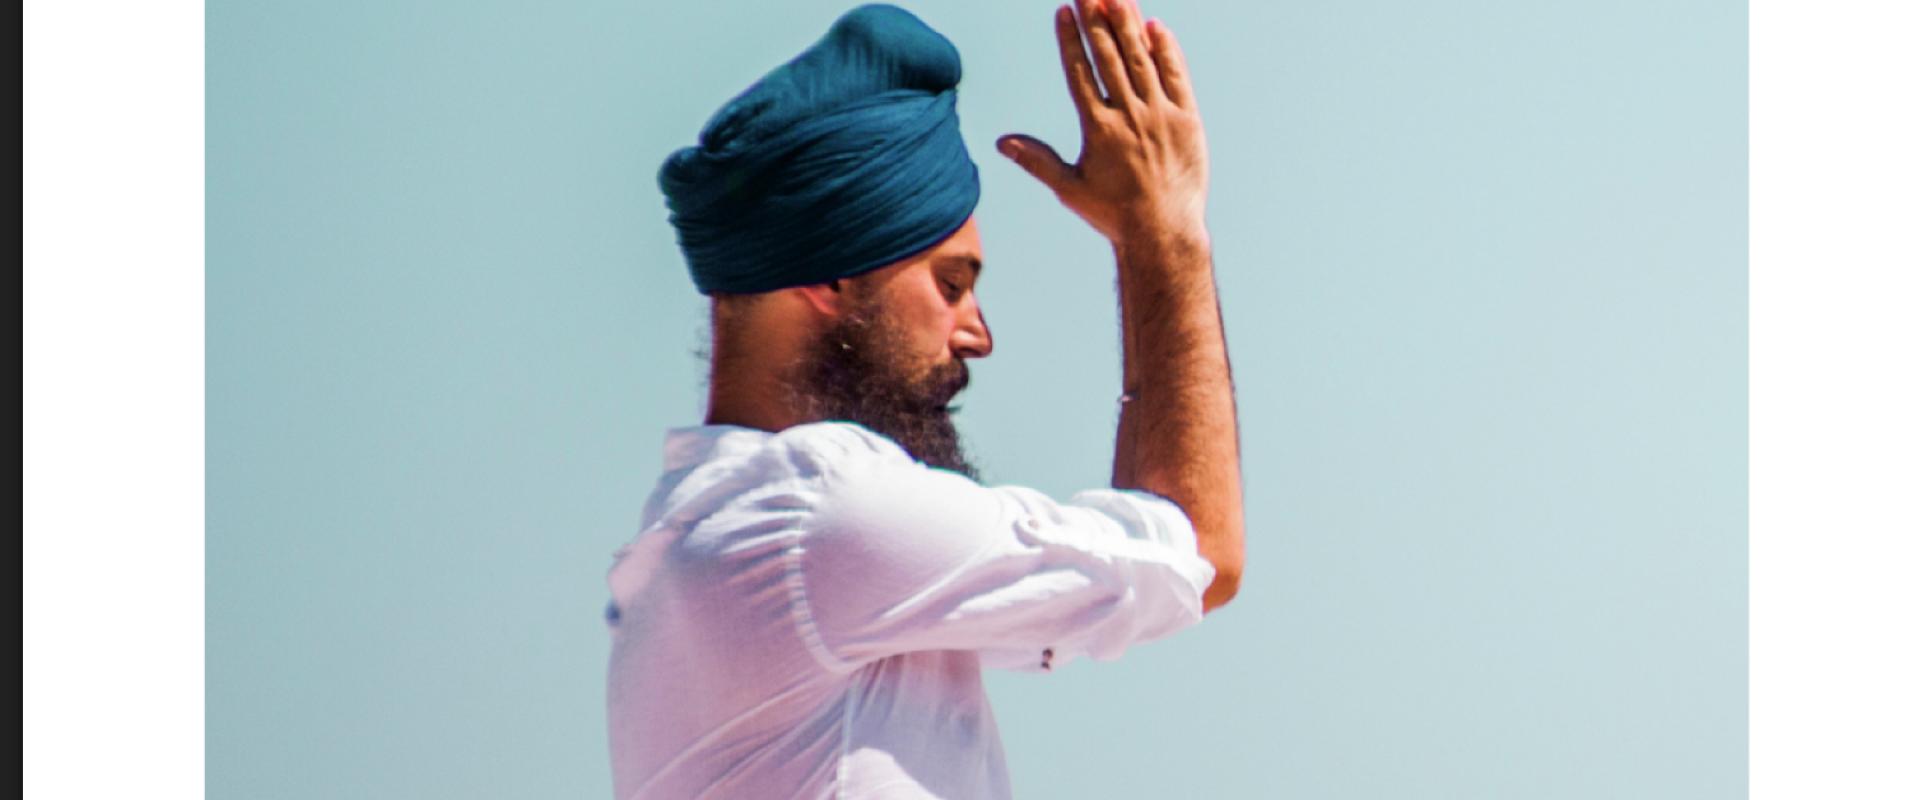 Dit Is Exact Hoe Je Kundalini Yoga In 2020 Moet Beoefenen...En Dus Niet Zoals Het Werd Onderwezen Door Yogi Bhajan In 1969